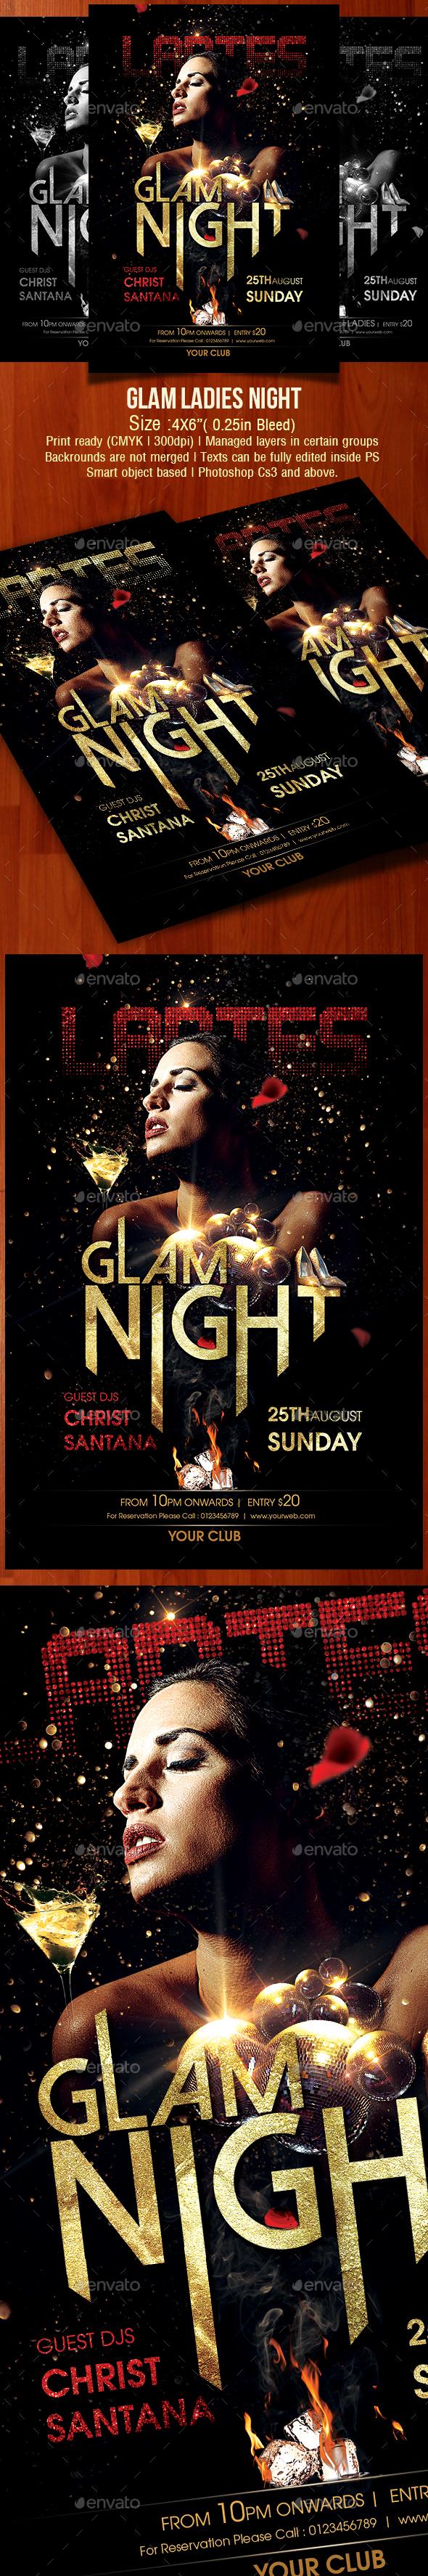 Glam Ladies Night